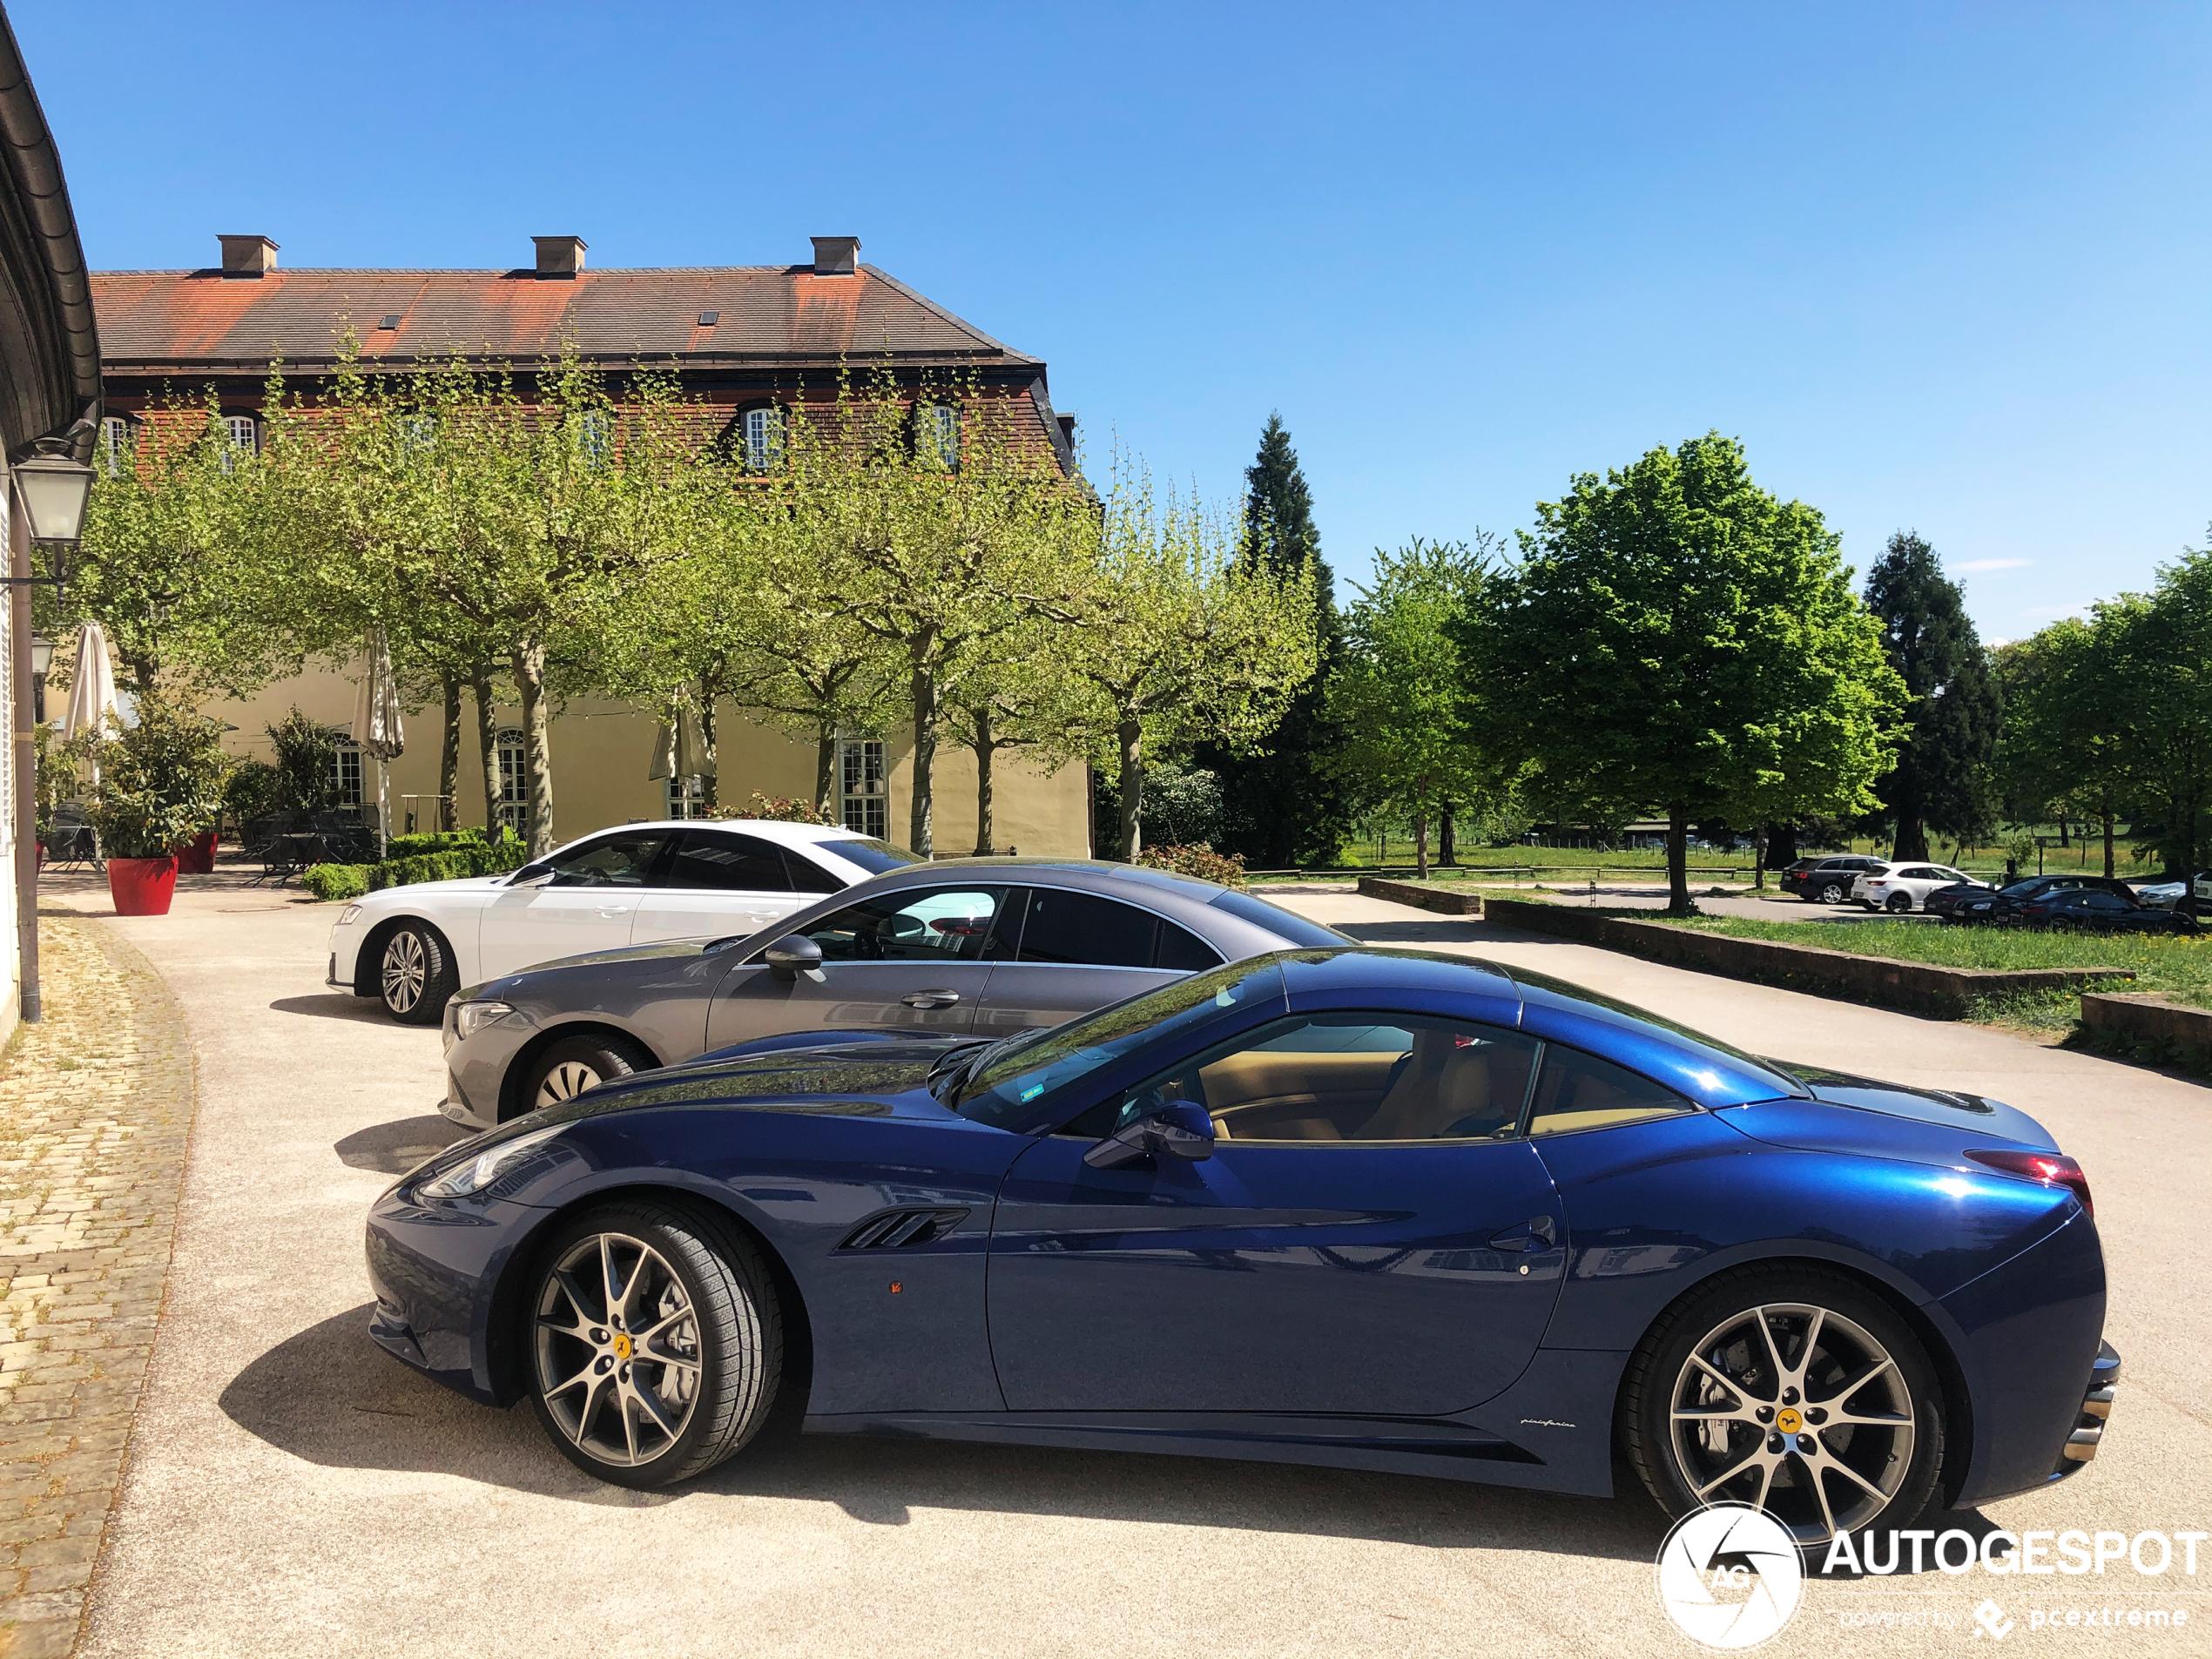 Ferrari California - 26 April 2020 - Autogespot